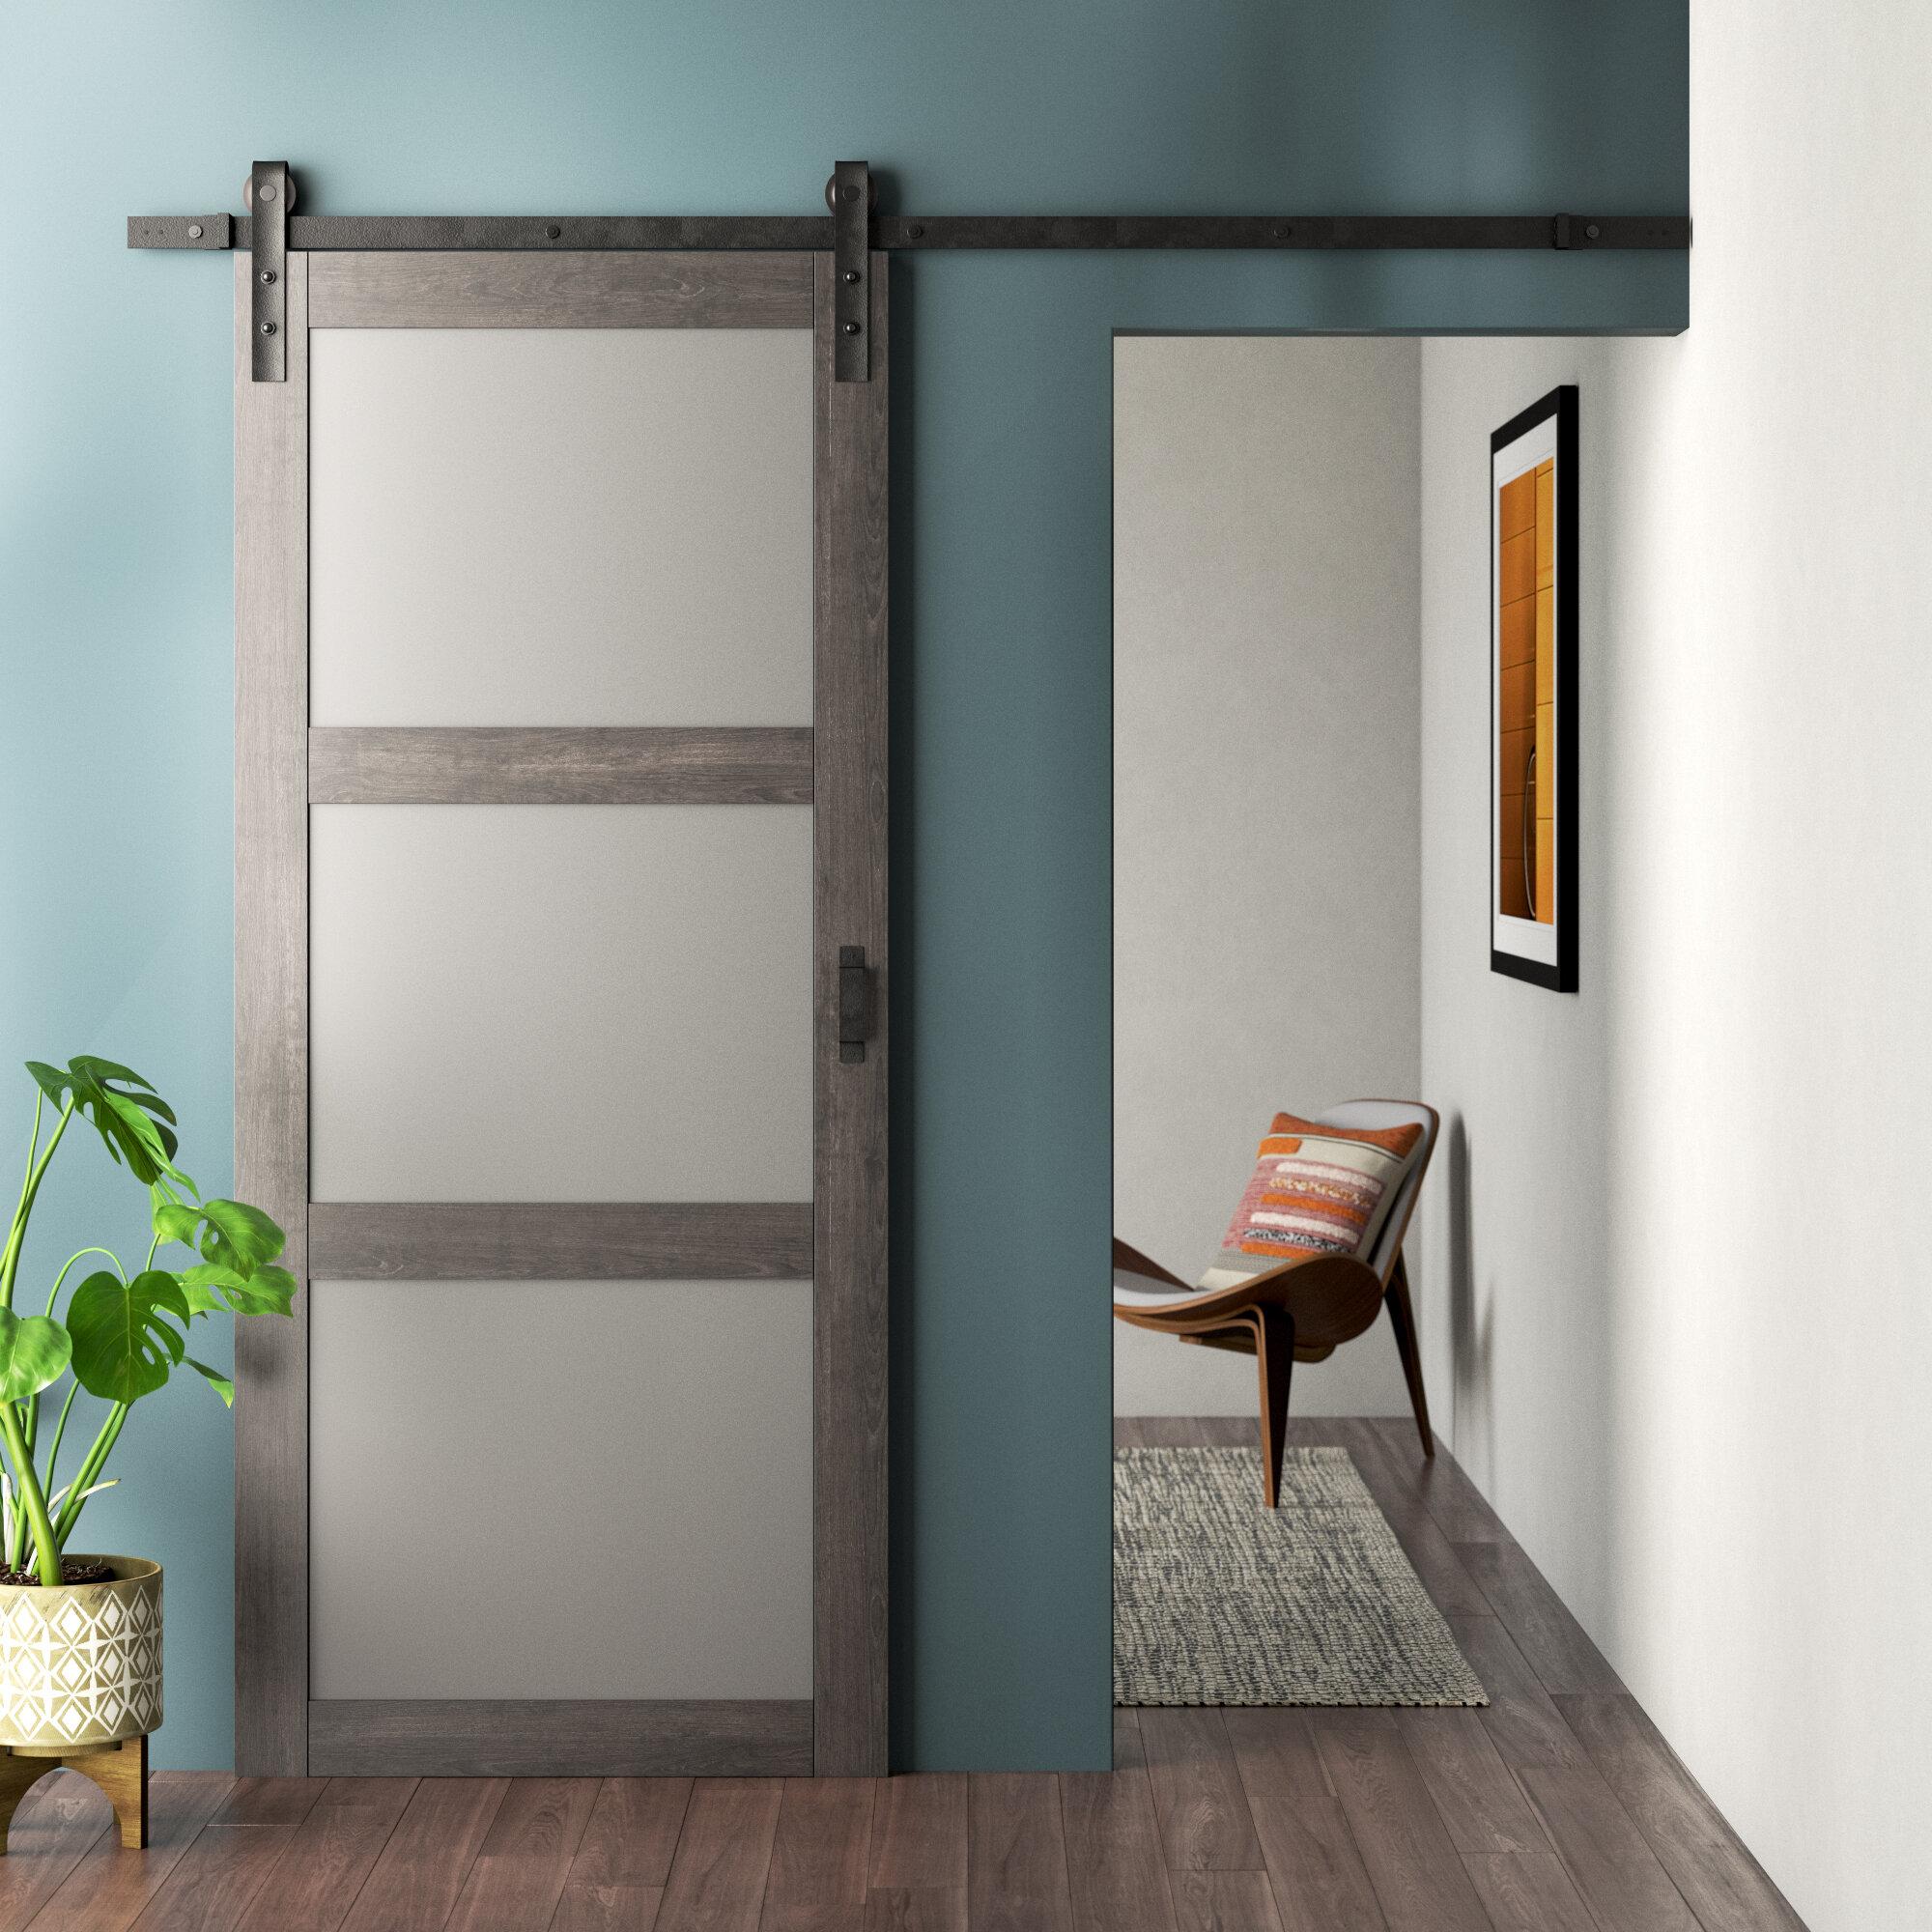 Barn Doors You Ll Love In 2021